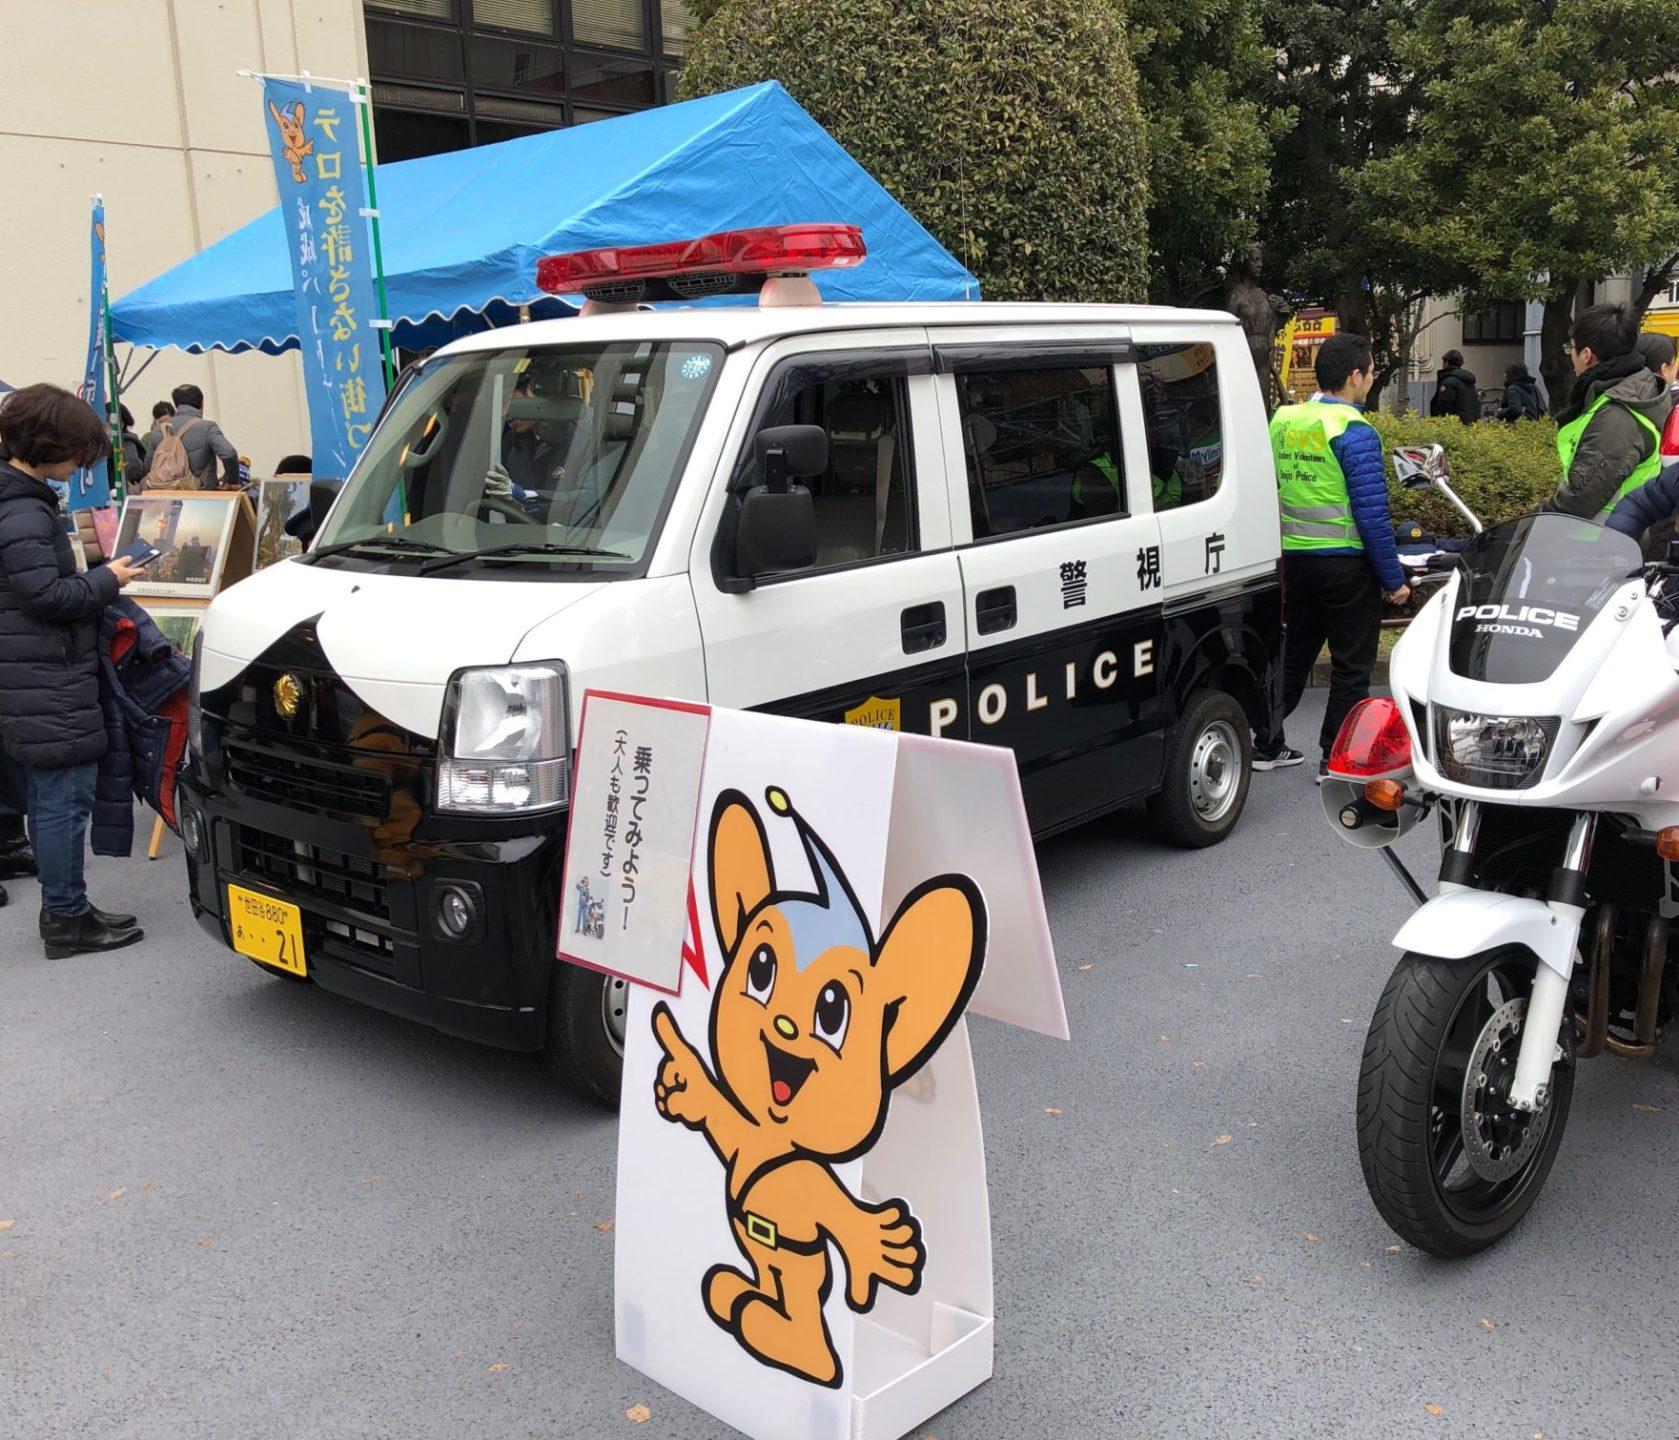 烏山新年子どもまつりのパトカー